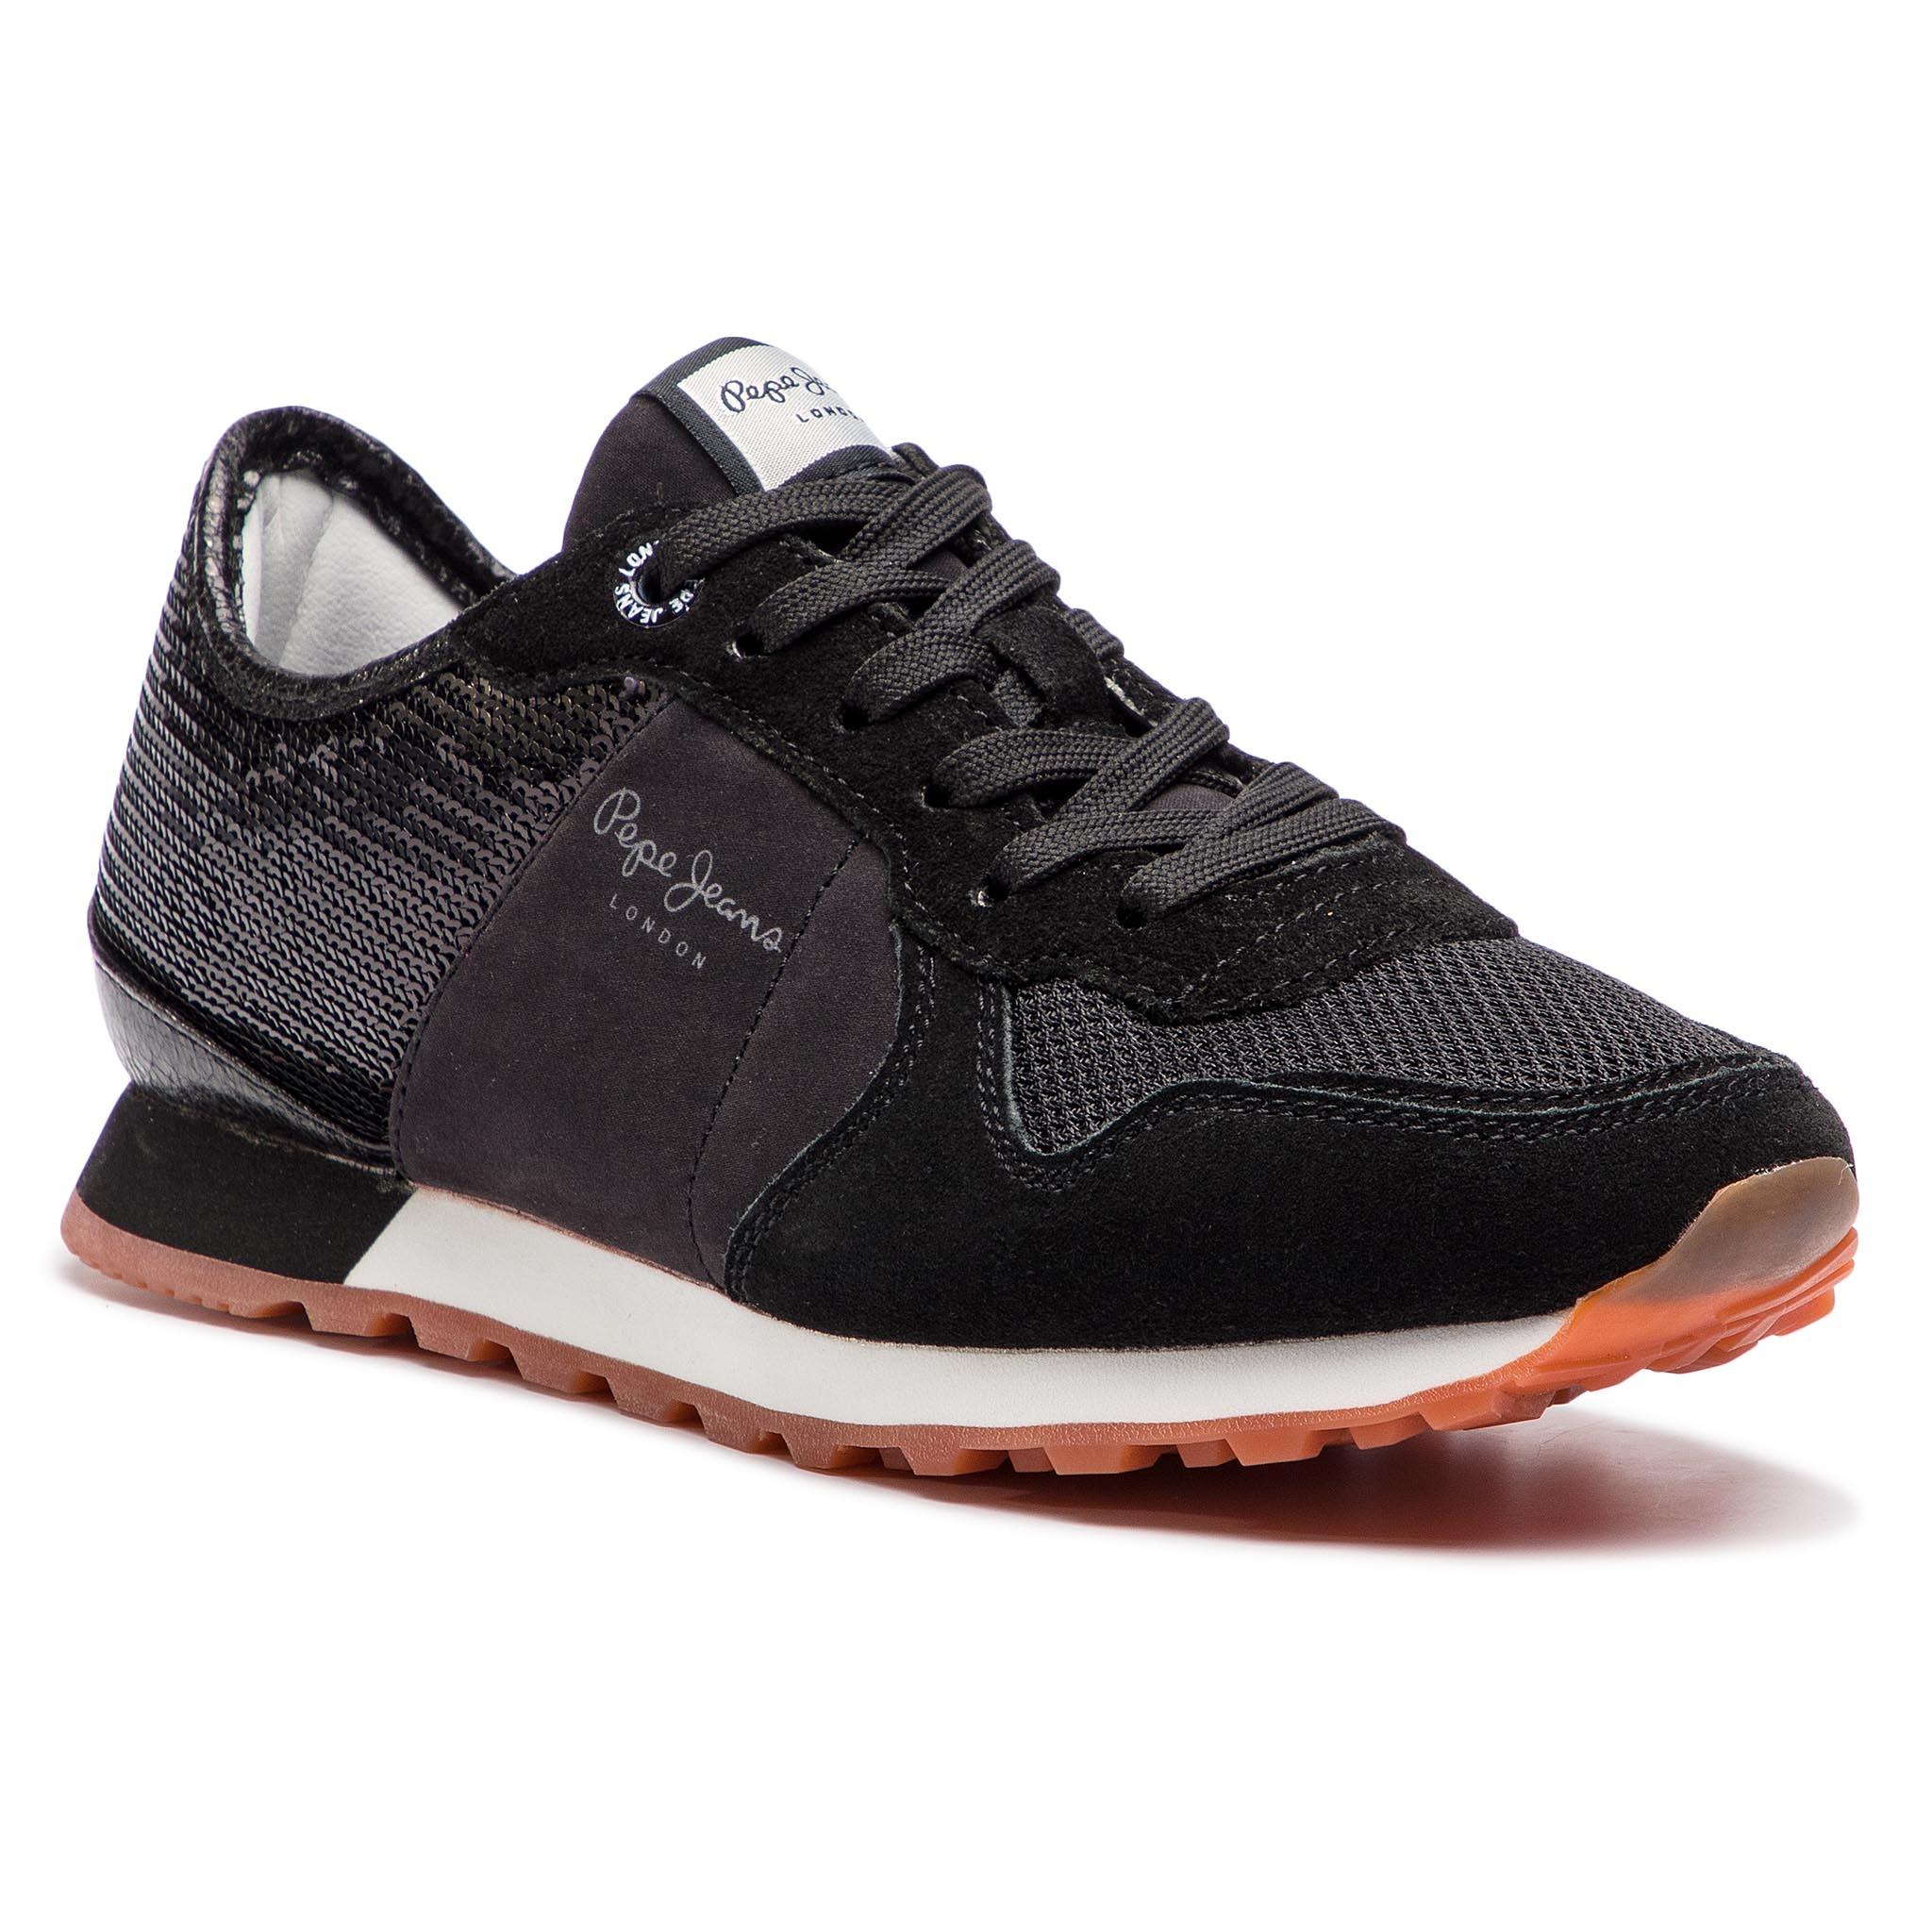 Sneakersy PEPE JEANS - Verona W New PLS30732 Black 999 - Glami.sk 389c4fba31